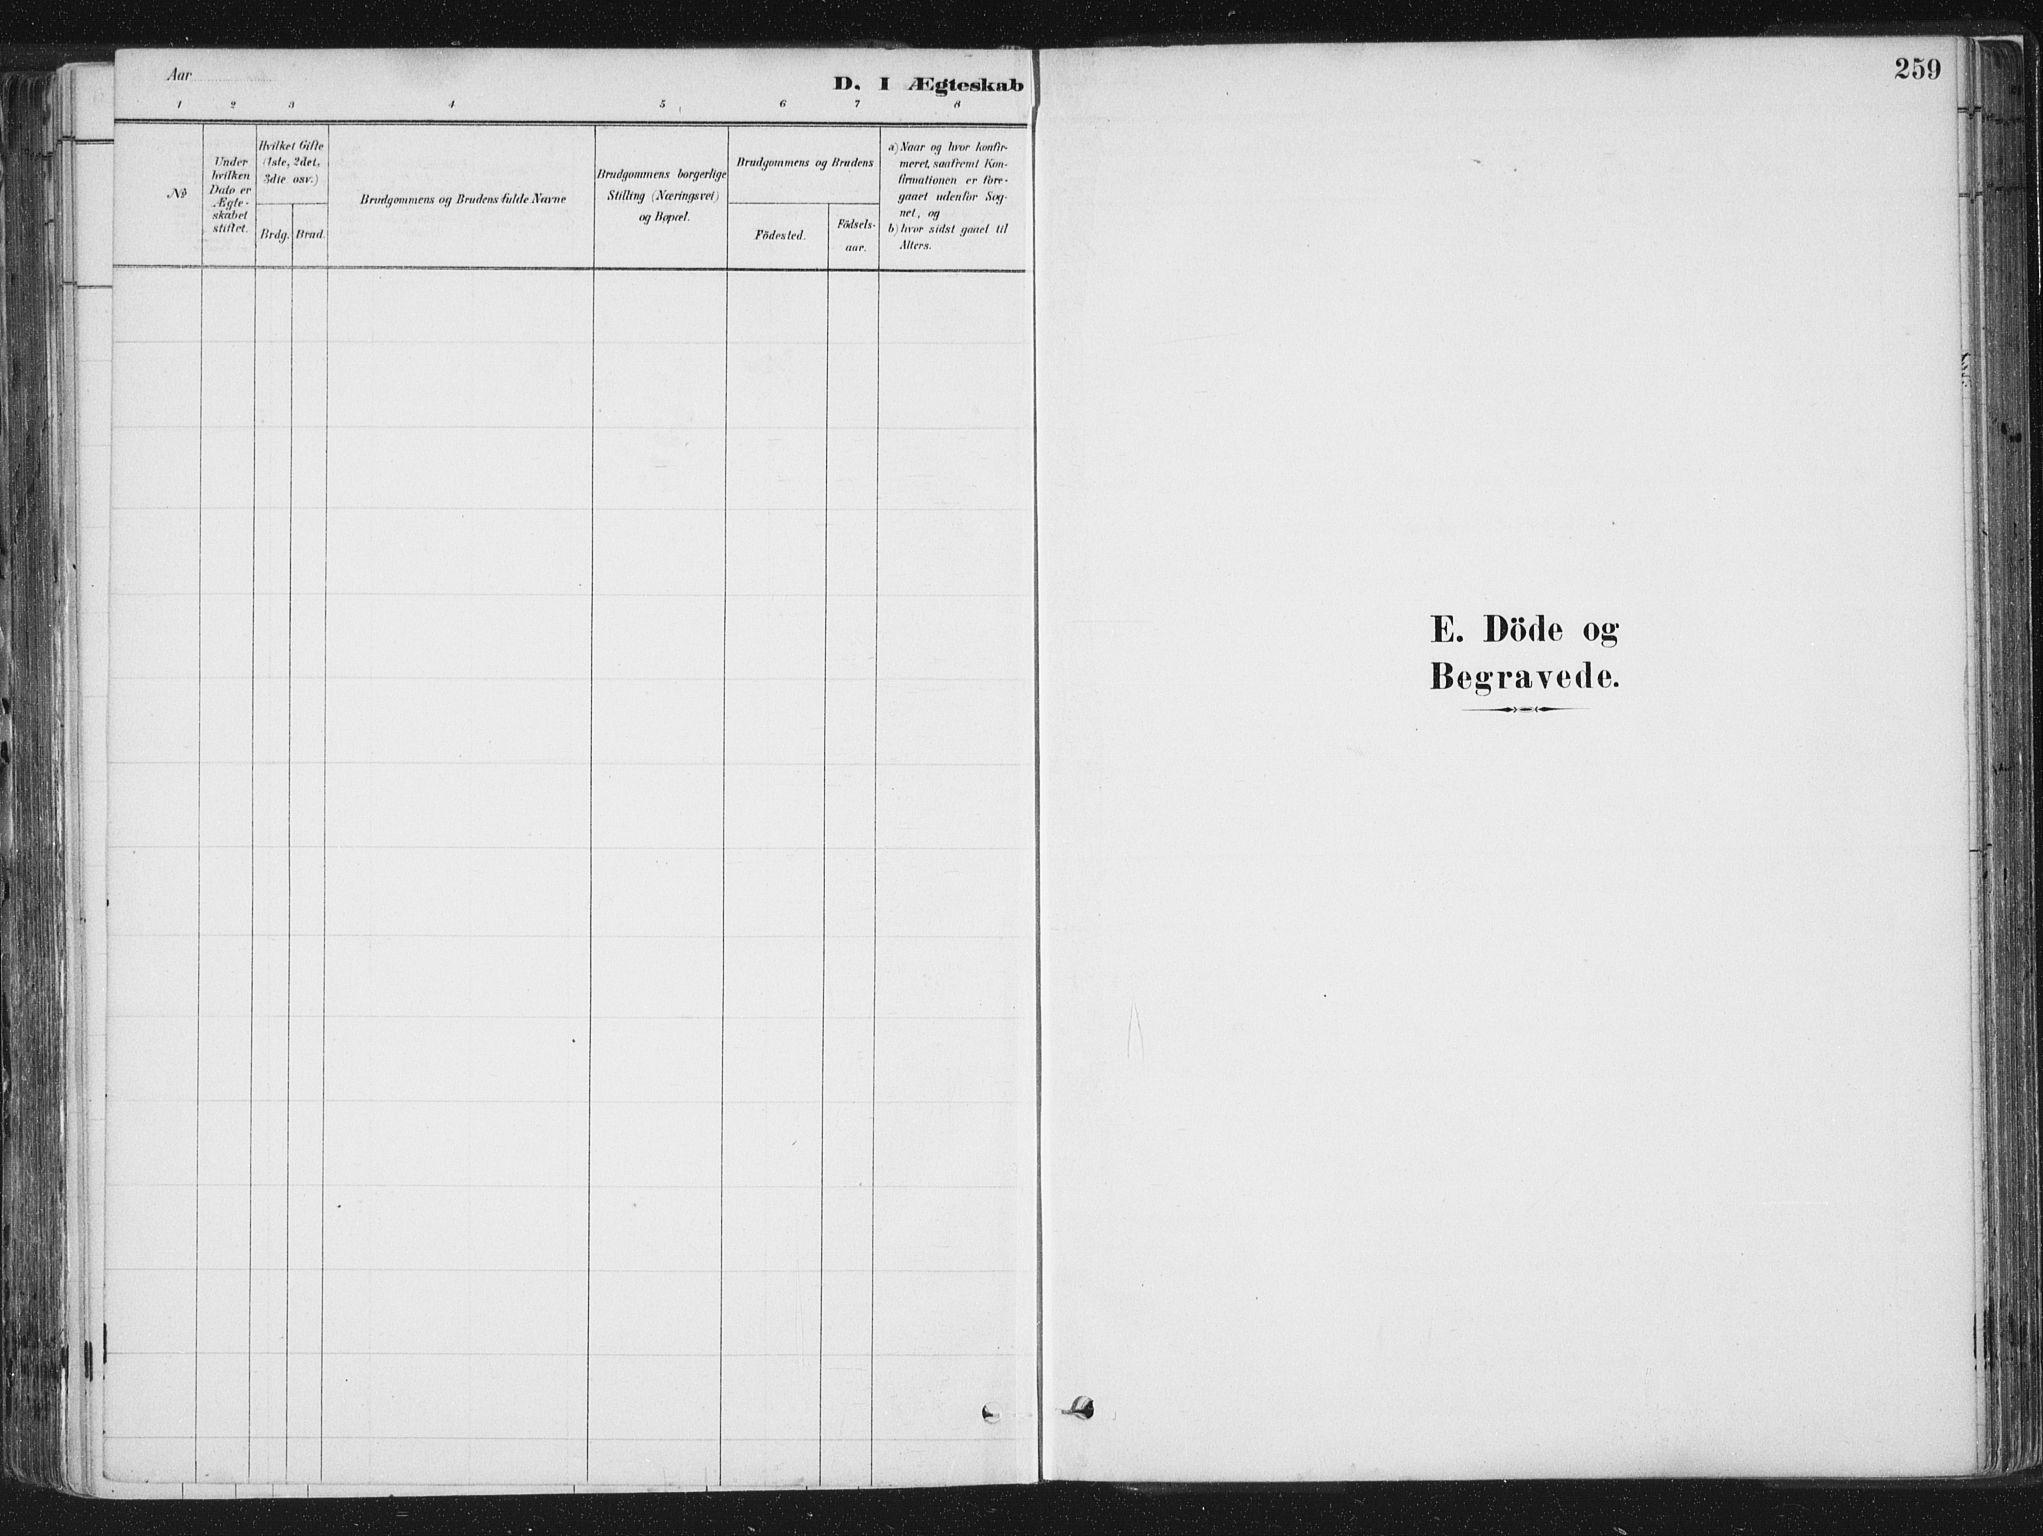 SAT, Ministerialprotokoller, klokkerbøker og fødselsregistre - Sør-Trøndelag, 659/L0739: Ministerialbok nr. 659A09, 1879-1893, s. 259